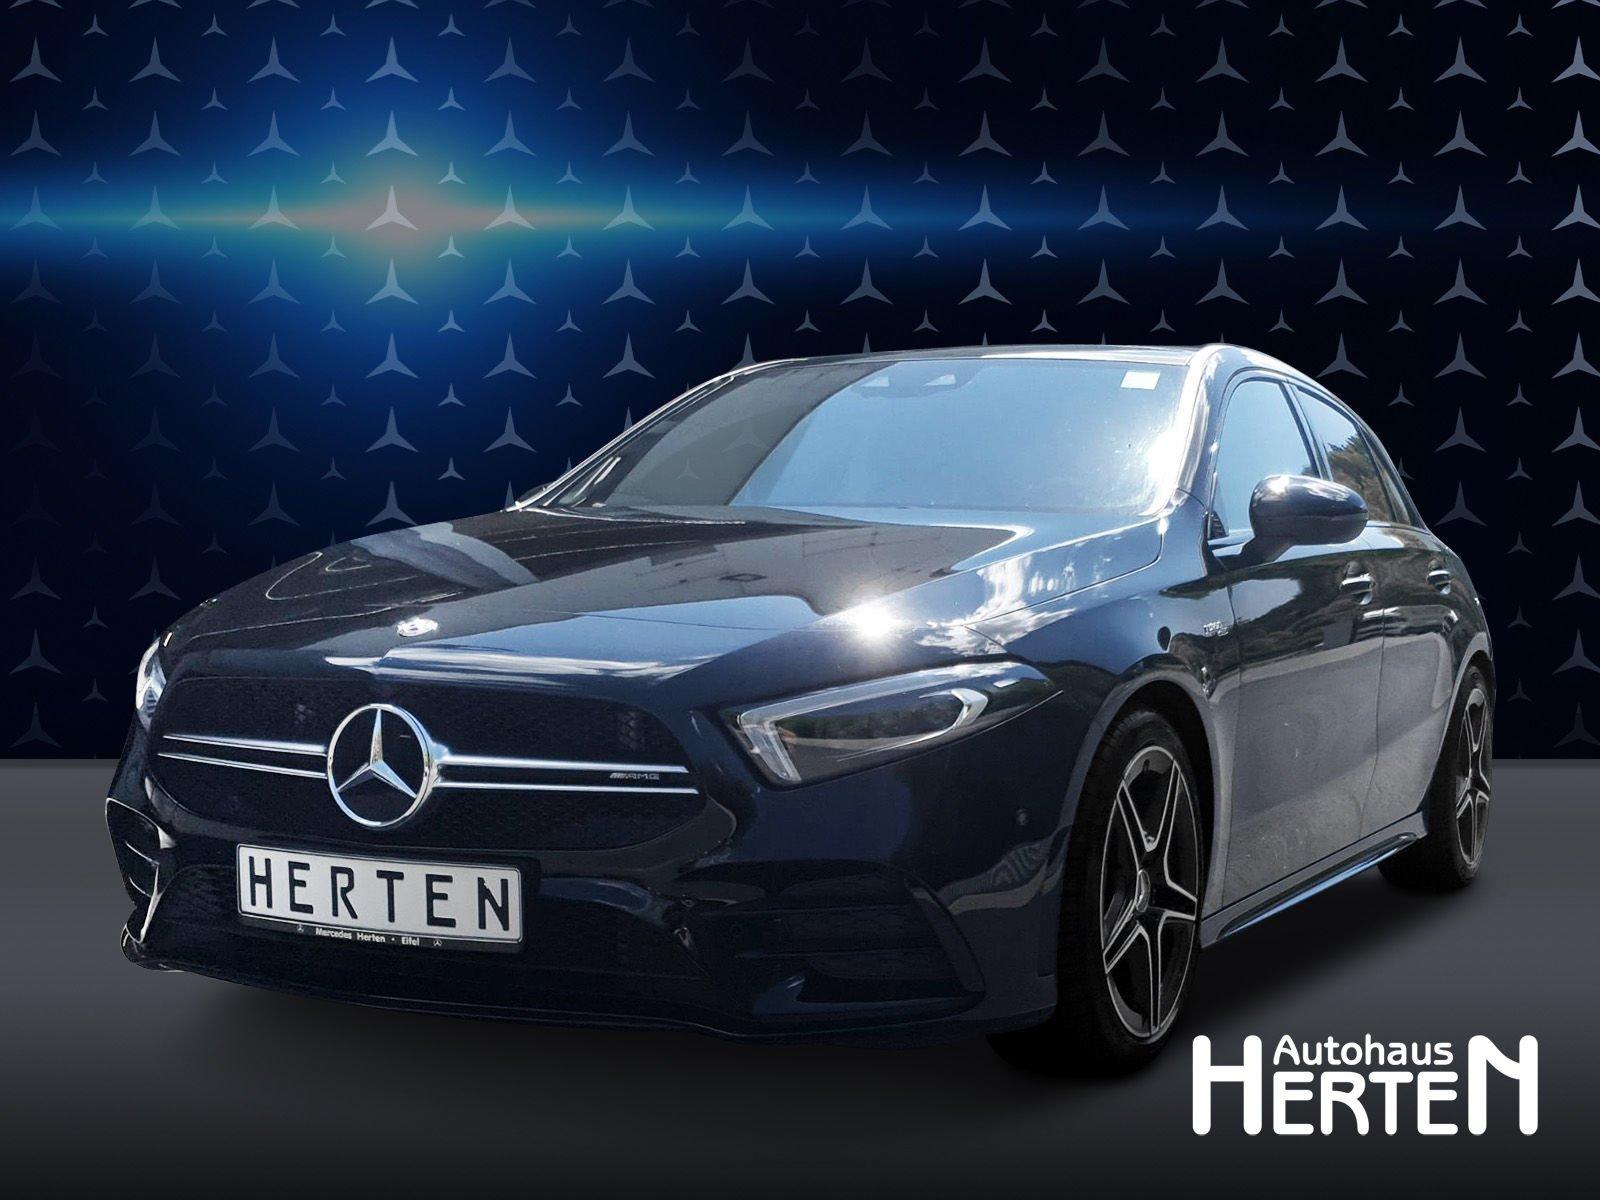 Mercedes-Benz Mercedes-AMG A 35 4M+AMG NIGHT+PANO+MULTIBEAM, Jahr 2019, Benzin